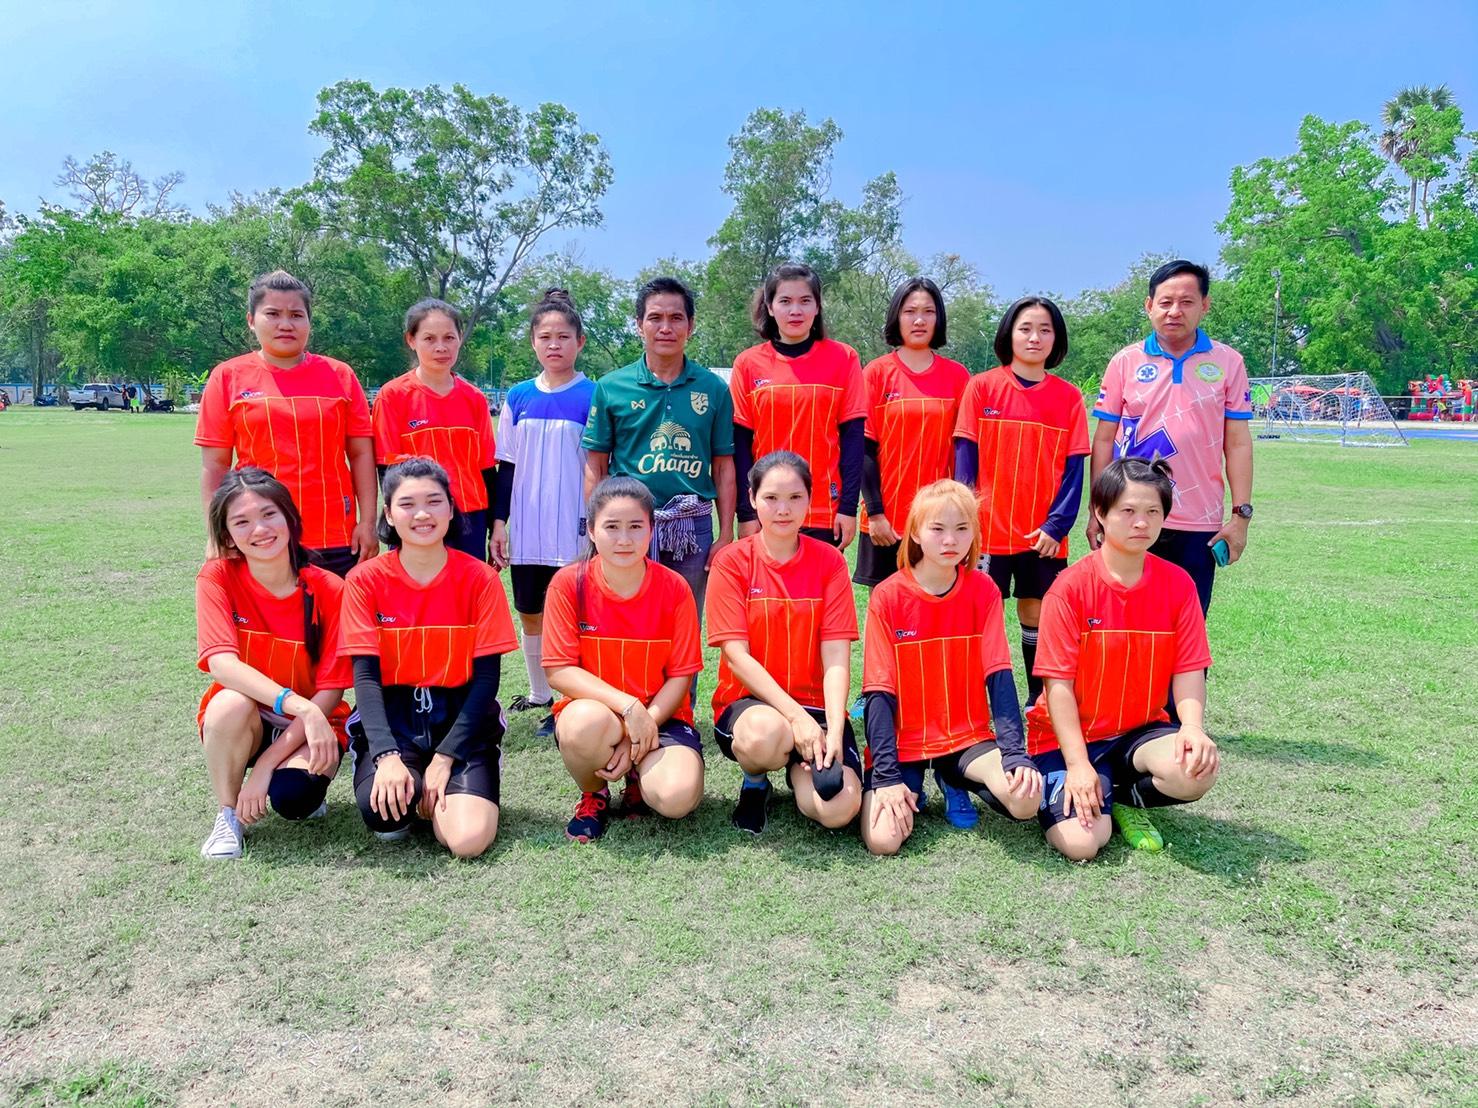 ทีมนักกีฬาบ้านป่าเพิ่ม หมู่ 11 งาน อบต.กีฬาต่อต้านยาเสพติด ปี 2564